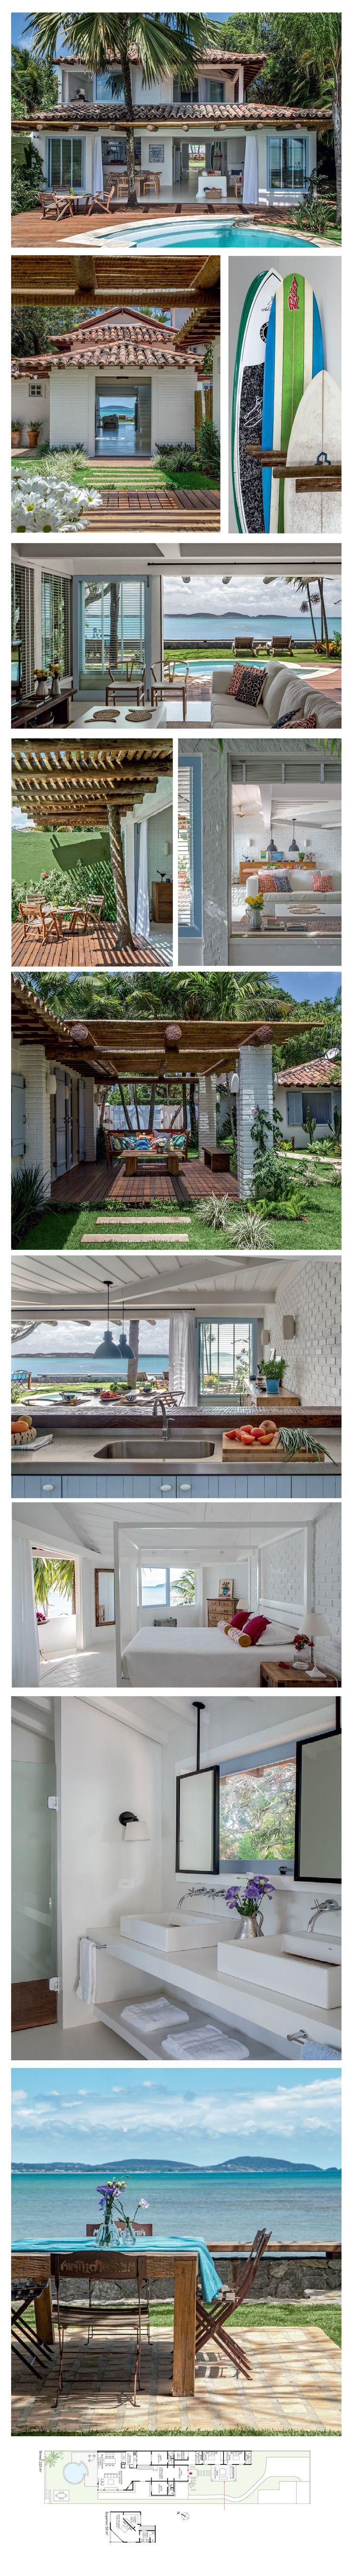 casa de praia em Buzios http://casa.abril.com.br/materia/reforma-na-casa-em-buzios#1